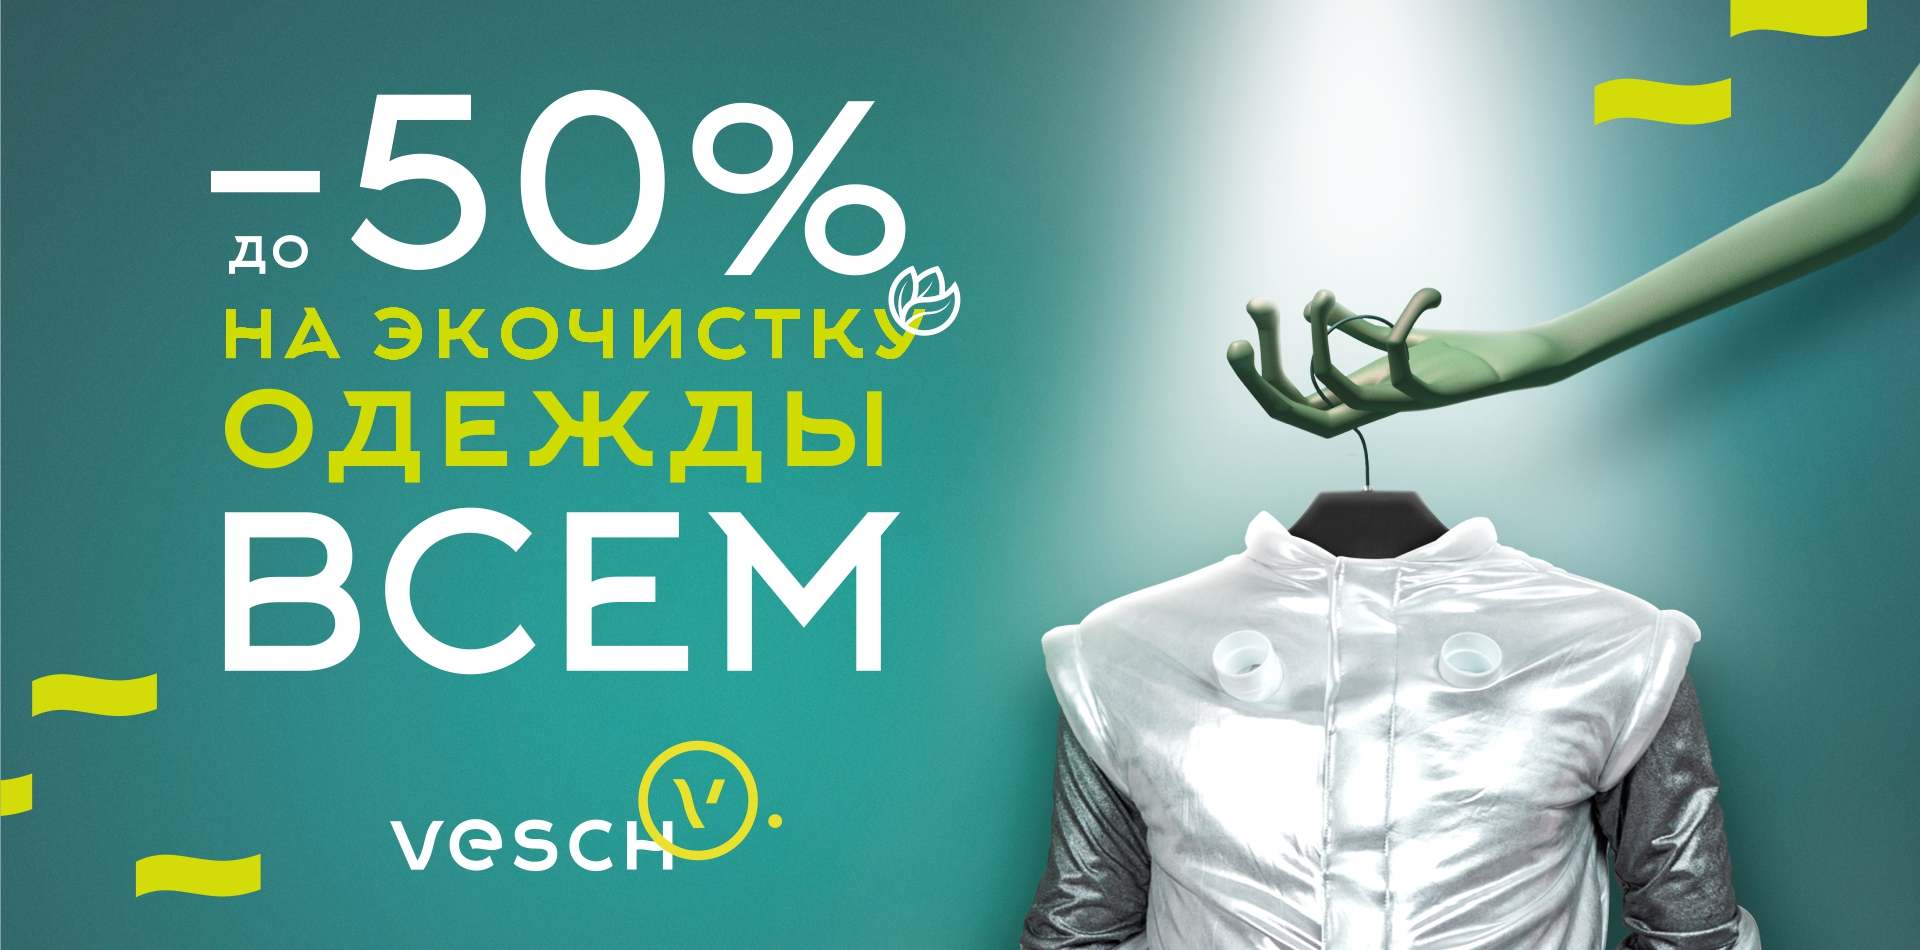 Экочистка Vesch